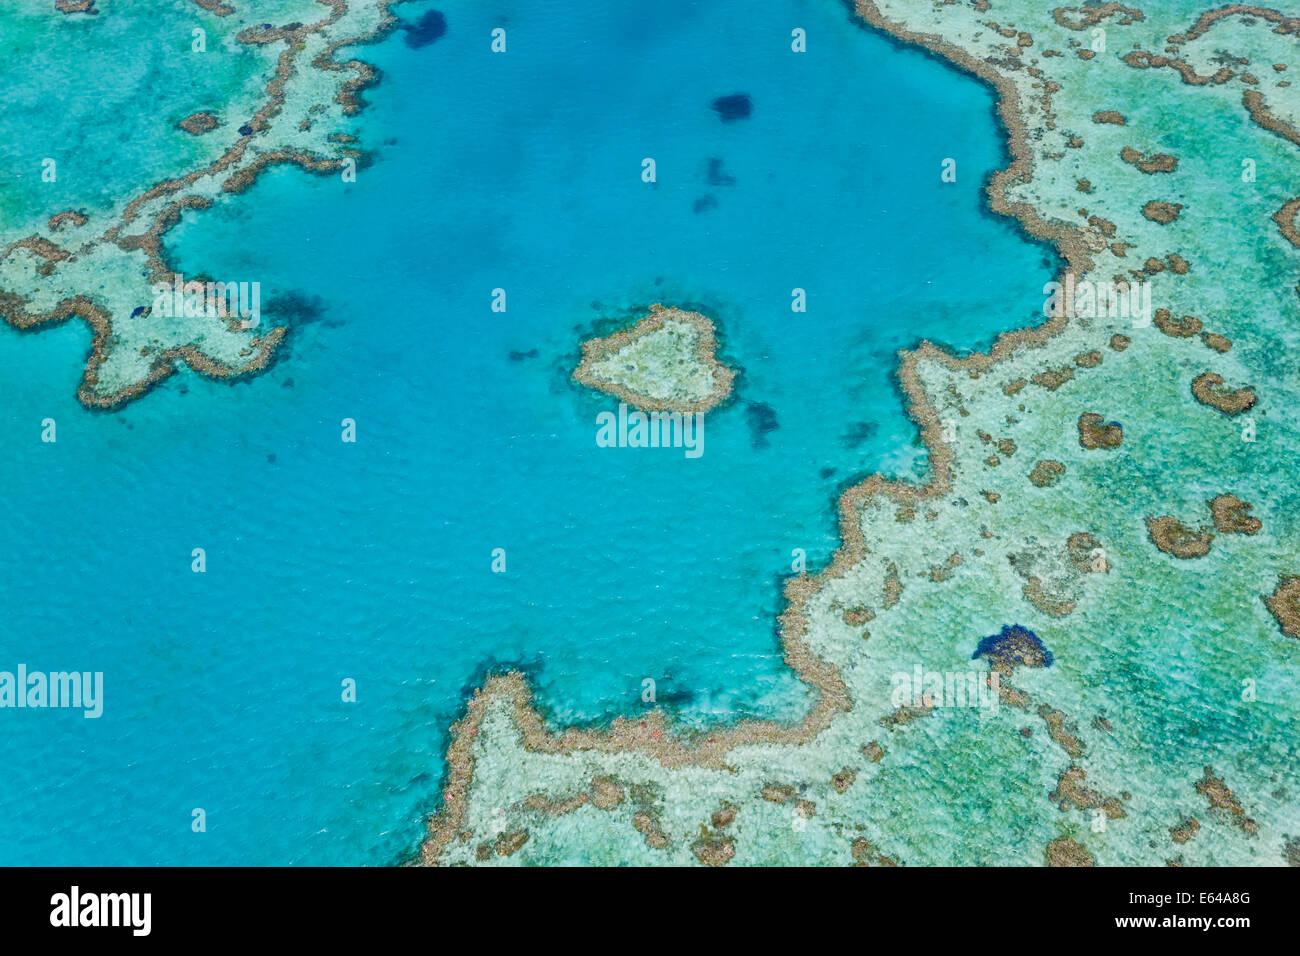 Vista aérea de corazón, parte del arrecife de la Gran Barrera de Coral, Queensland, Australia Imagen De Stock